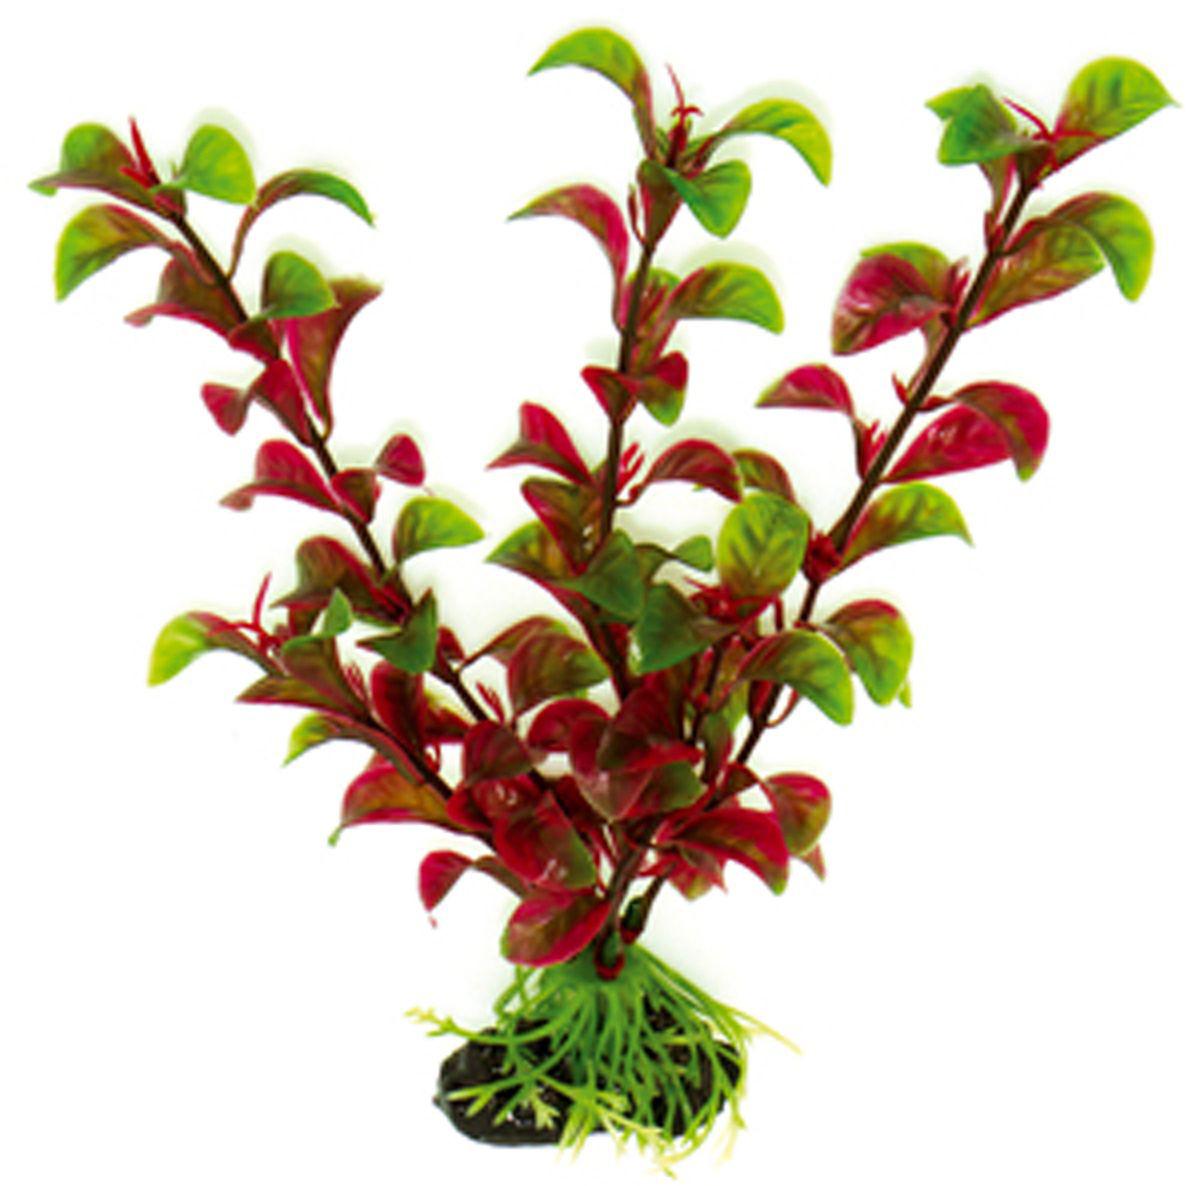 Искусственное растение для аквариума Dezzie, 20 см. 5602038 в москве магазины все для аквариума